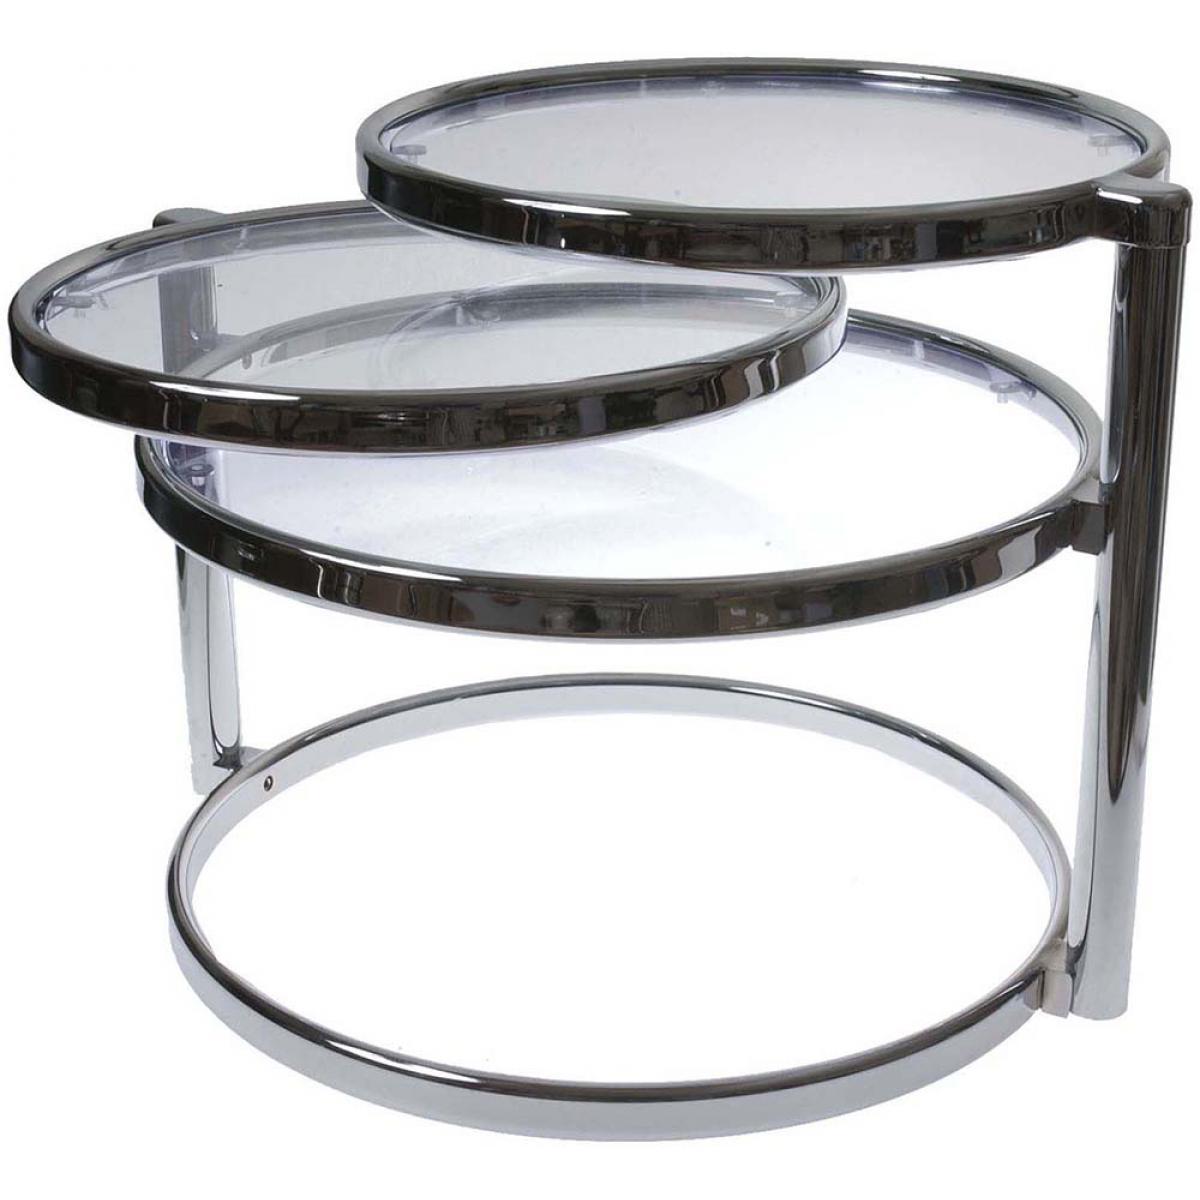 Leitmotiv Table basse 3 plateaux en verre et métal chromé